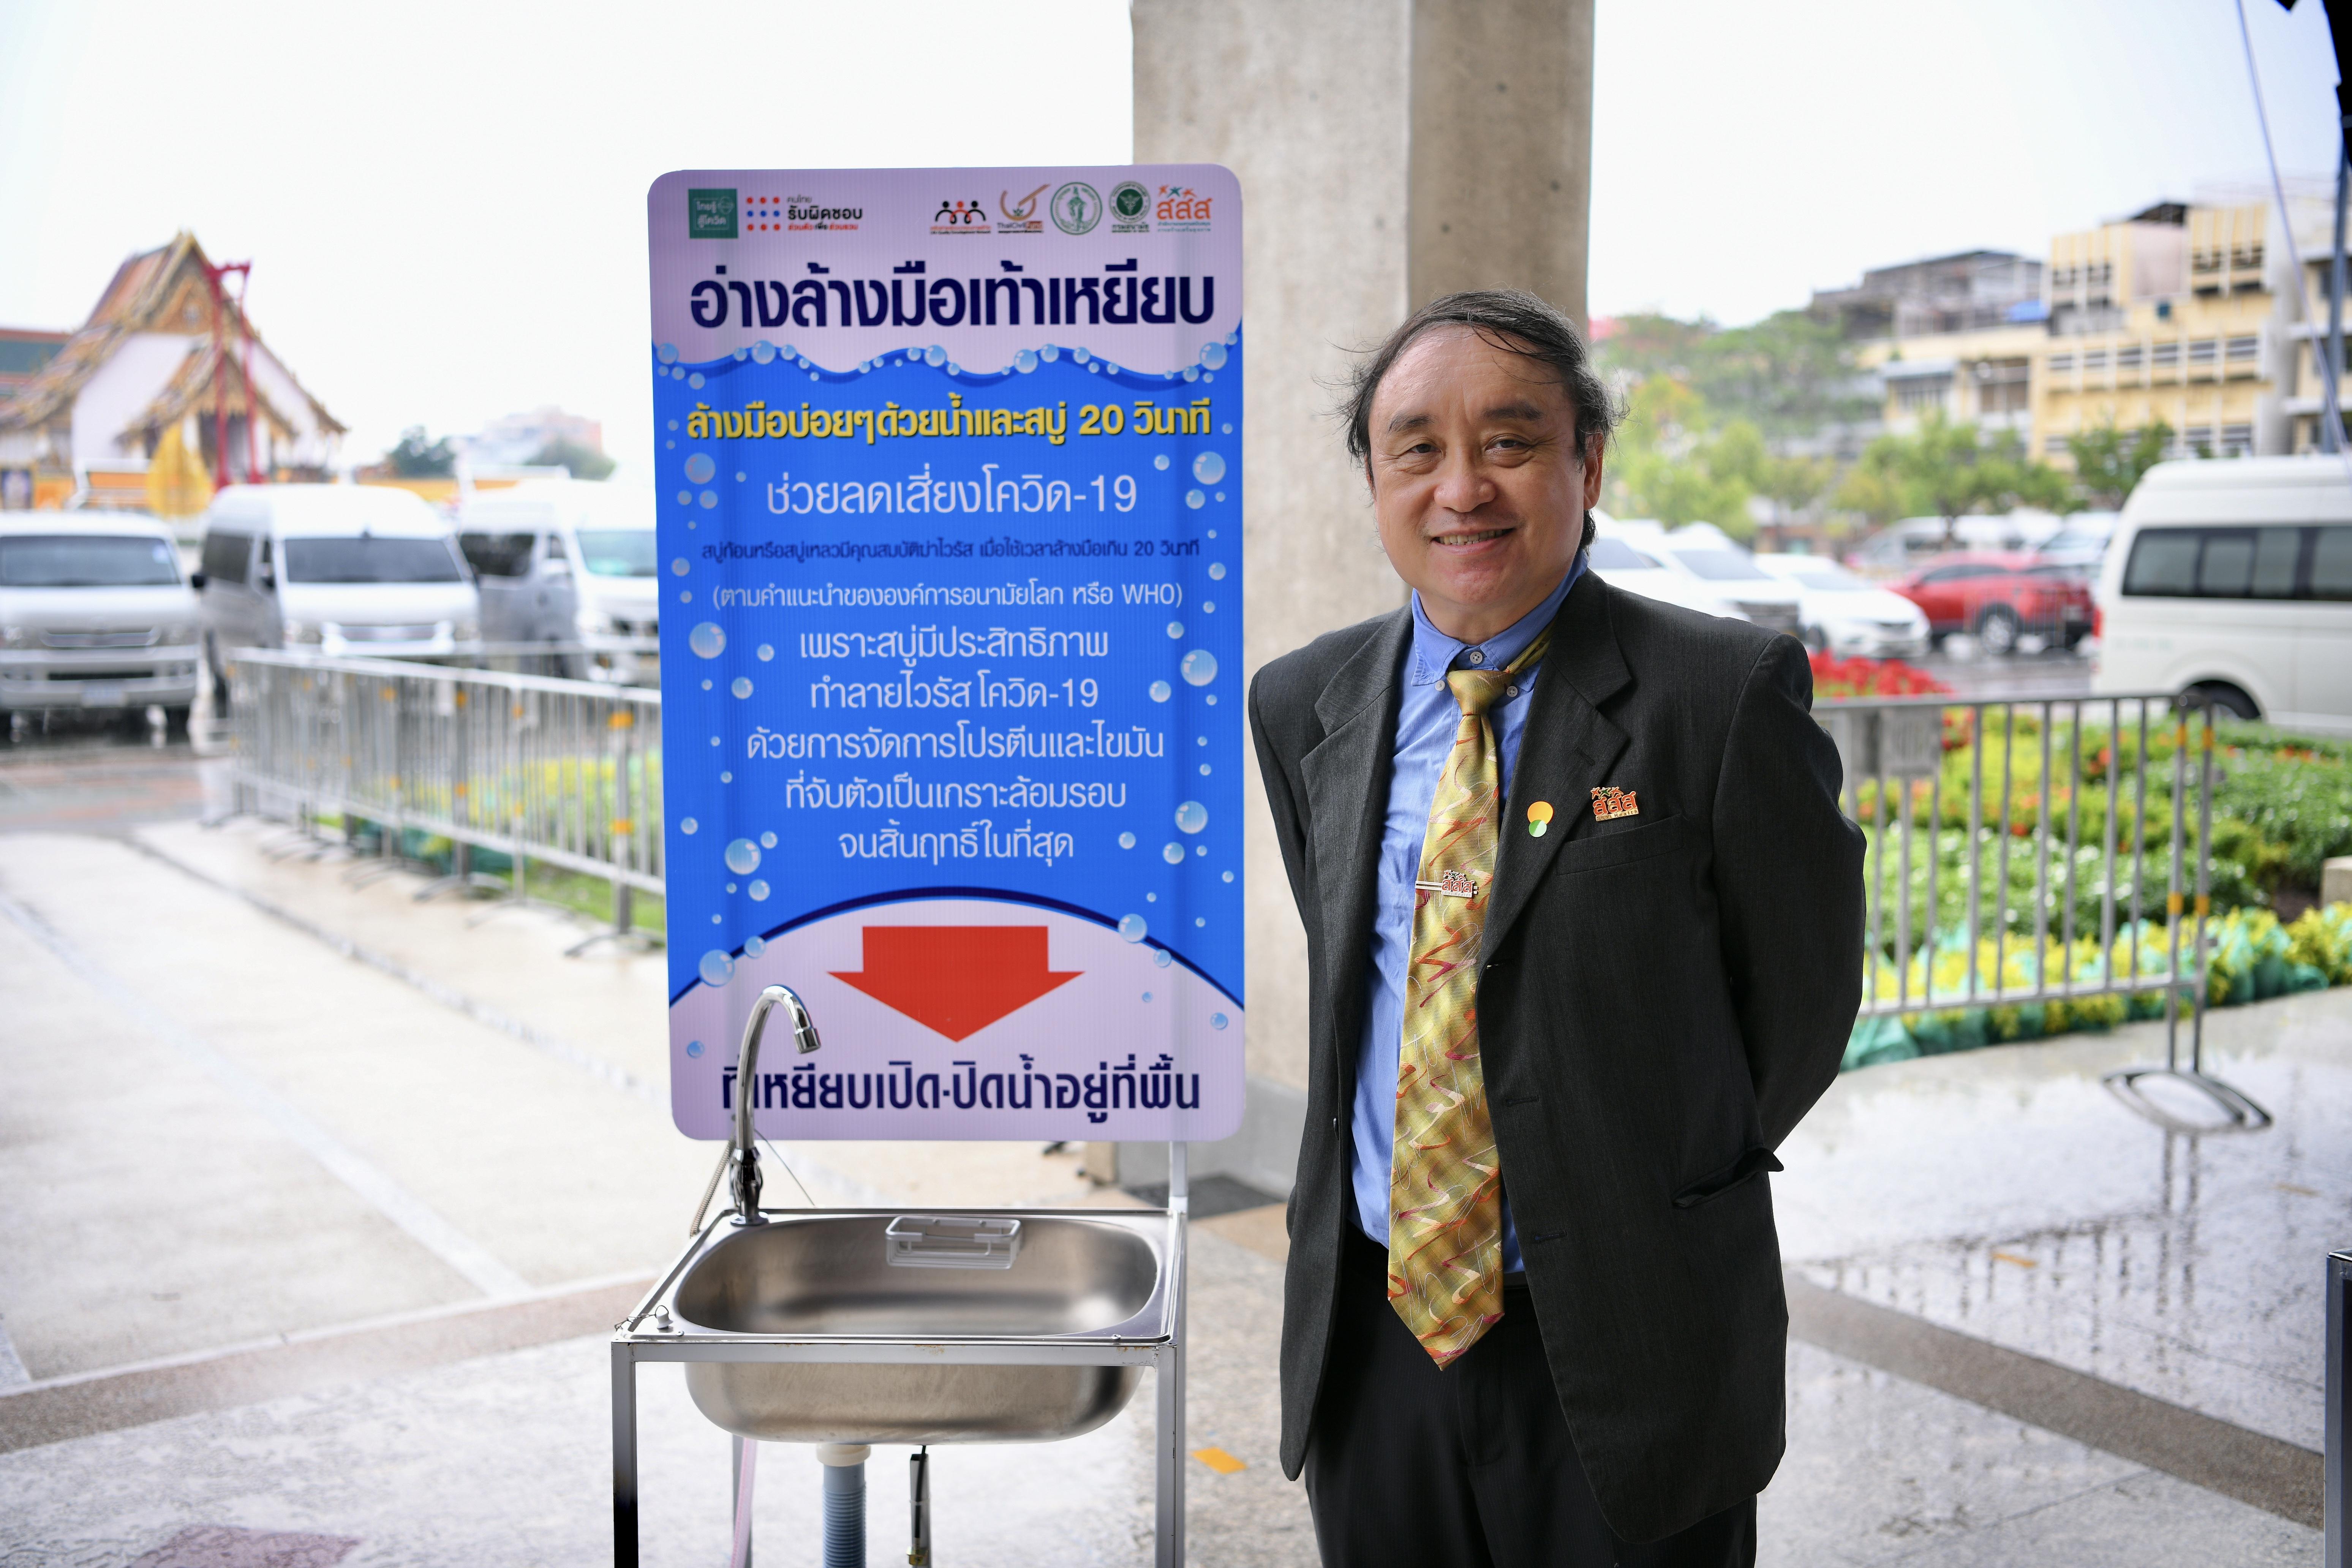 ตลาดปลอดภัย ห่างไกลโควิด-19 thaihealth